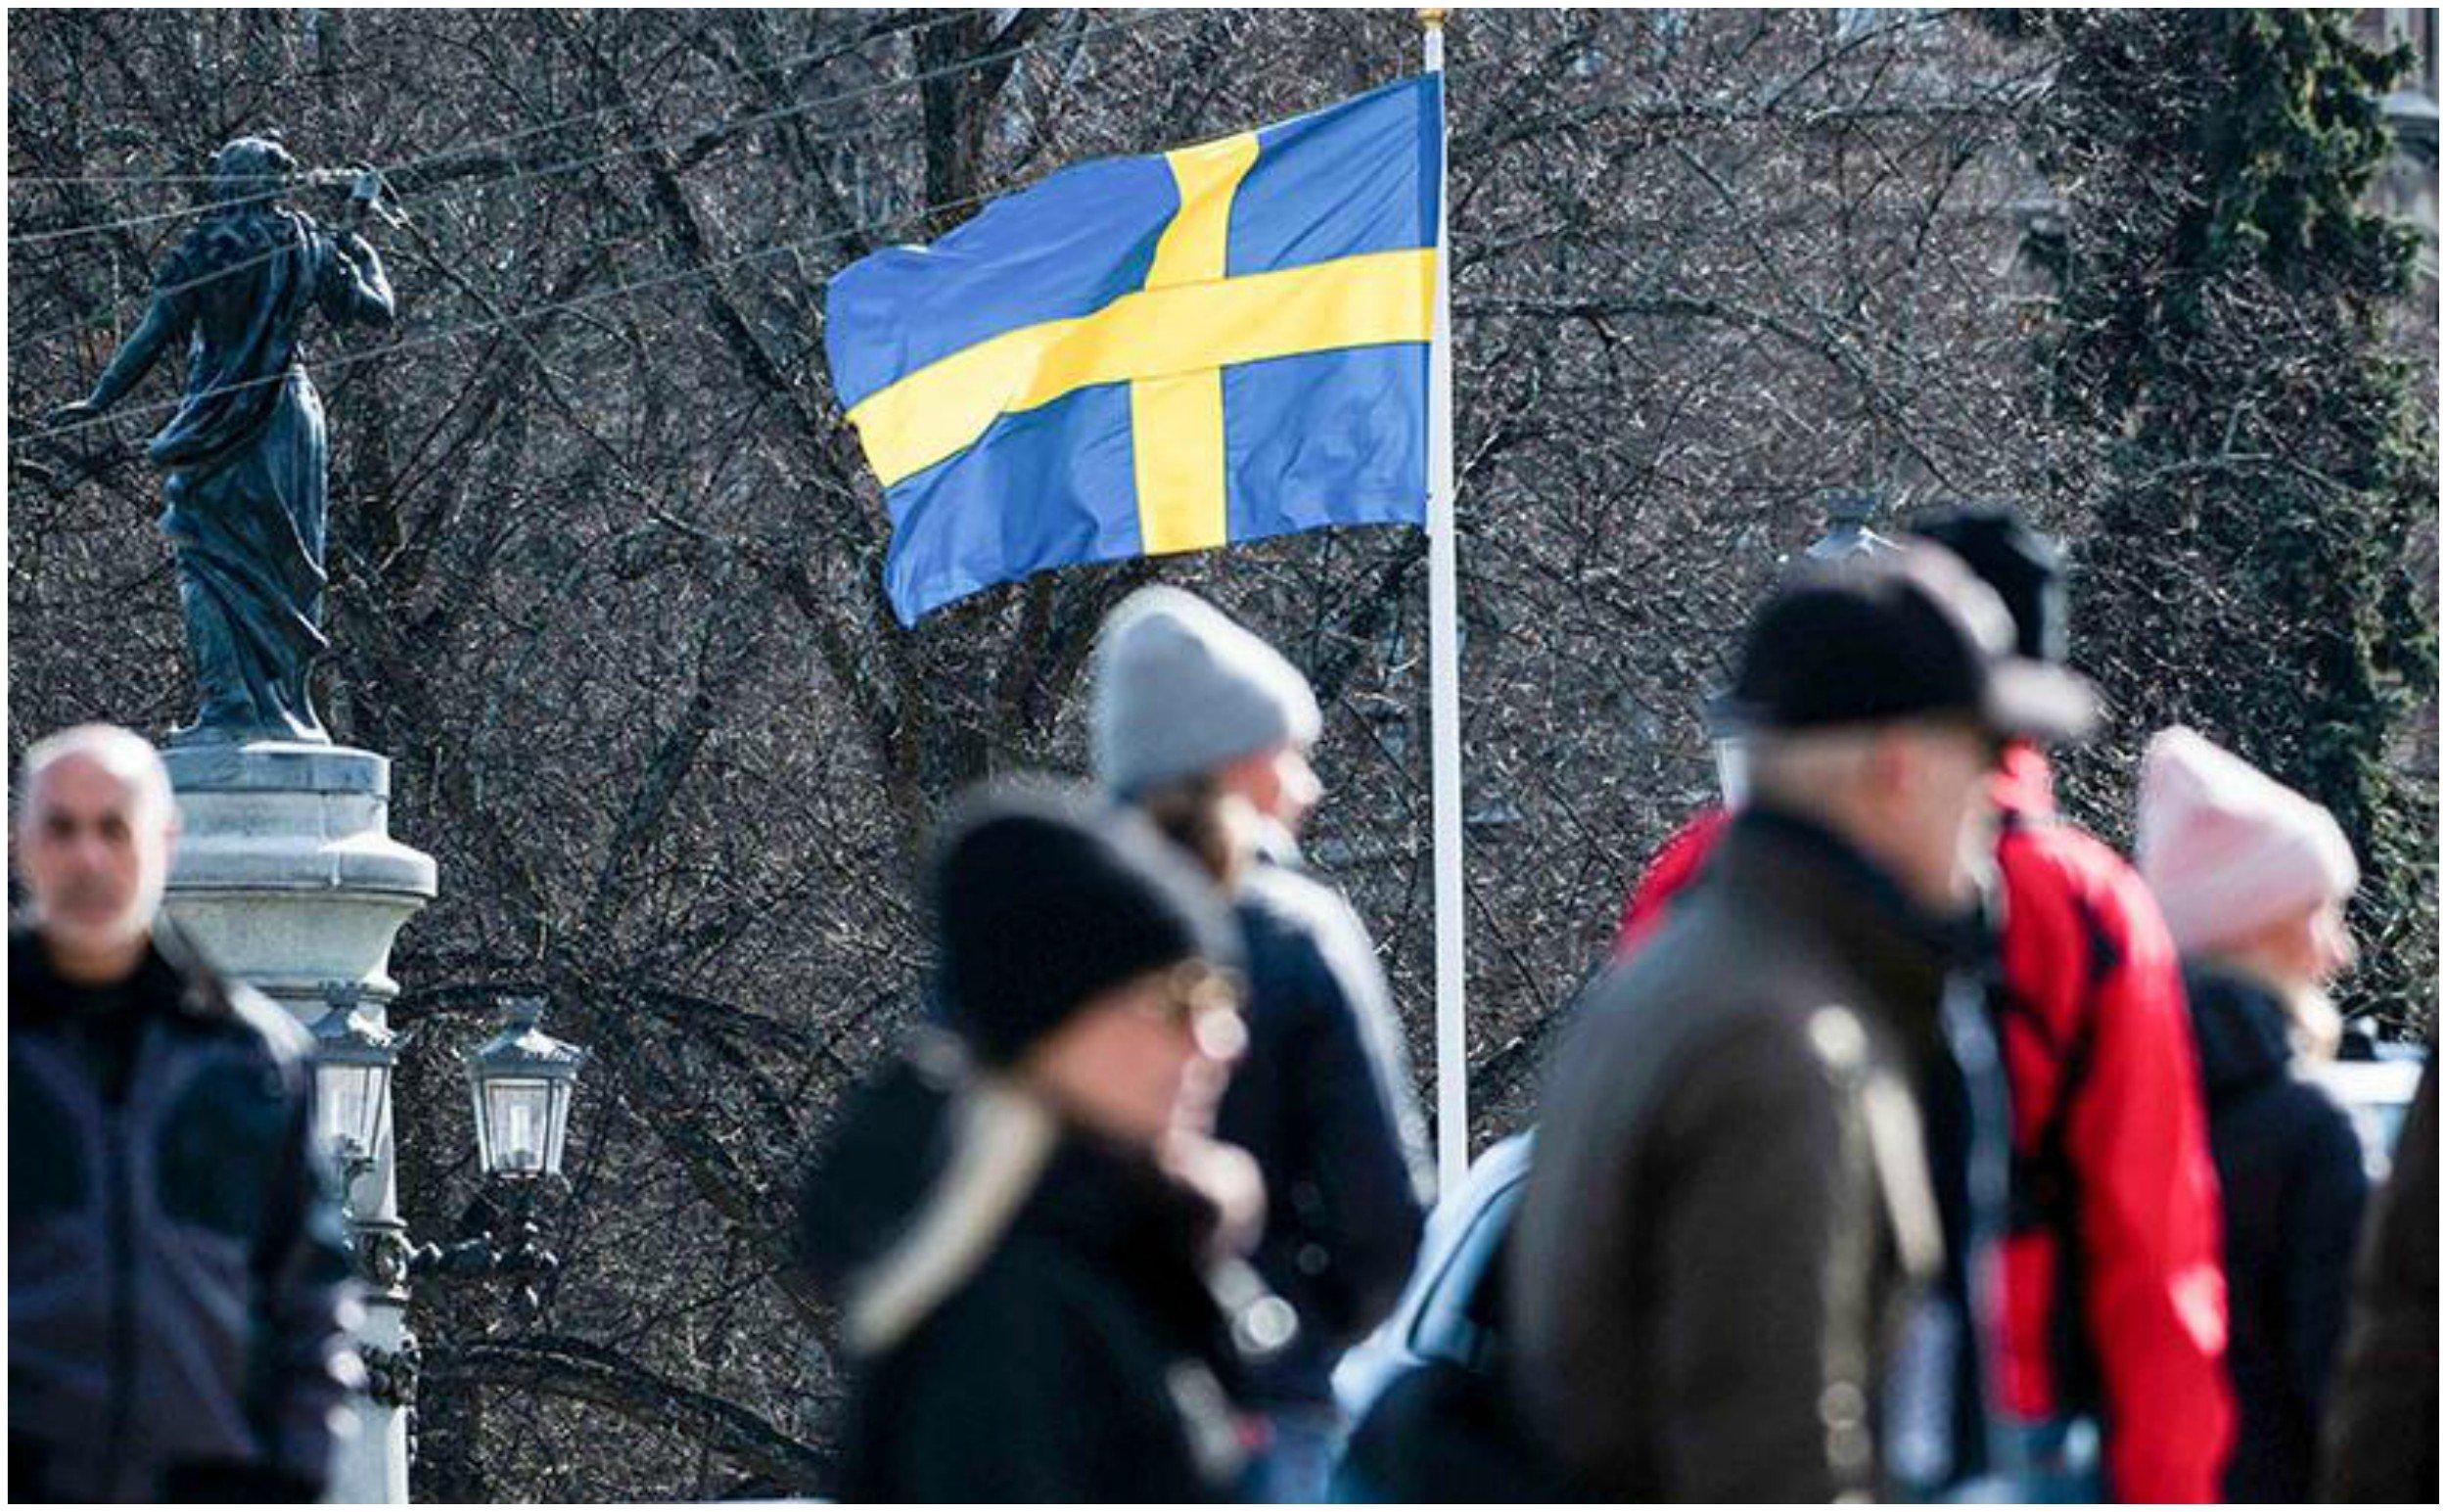 Suecia prosigue con su política de no confinar a la población ante el Covid-19: no asegura la victoria frente al virus